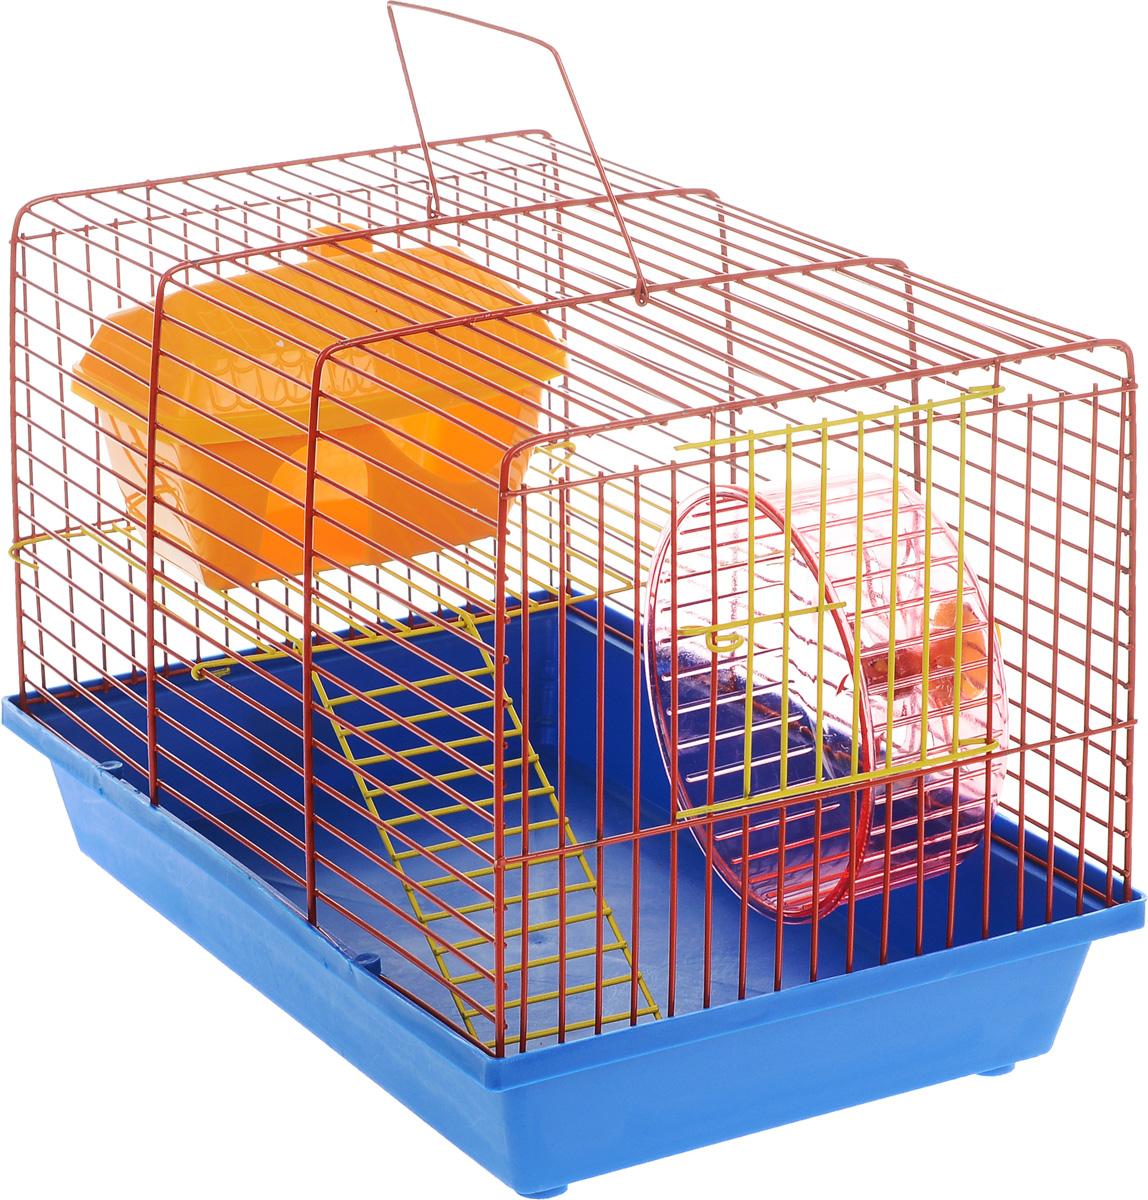 Клетка для грызунов ЗооМарк, 2-этажная, цвет: синий поддон, оранжевая решетка, 36 х 22 х 24 см. 125ж125ж_синий, оранжевыйКлетка ЗооМарк, выполненная из полипропилена и металла, подходит для мелких грызунов. Изделие двухэтажное, оборудовано колесом для подвижных игр и пластиковым домиком. Клетка имеет яркий поддон, удобна в использовании и легко чистится. Сверху имеется ручка для переноски. Такая клетка станет уединенным личным пространством и уютным домиком для маленького грызуна.